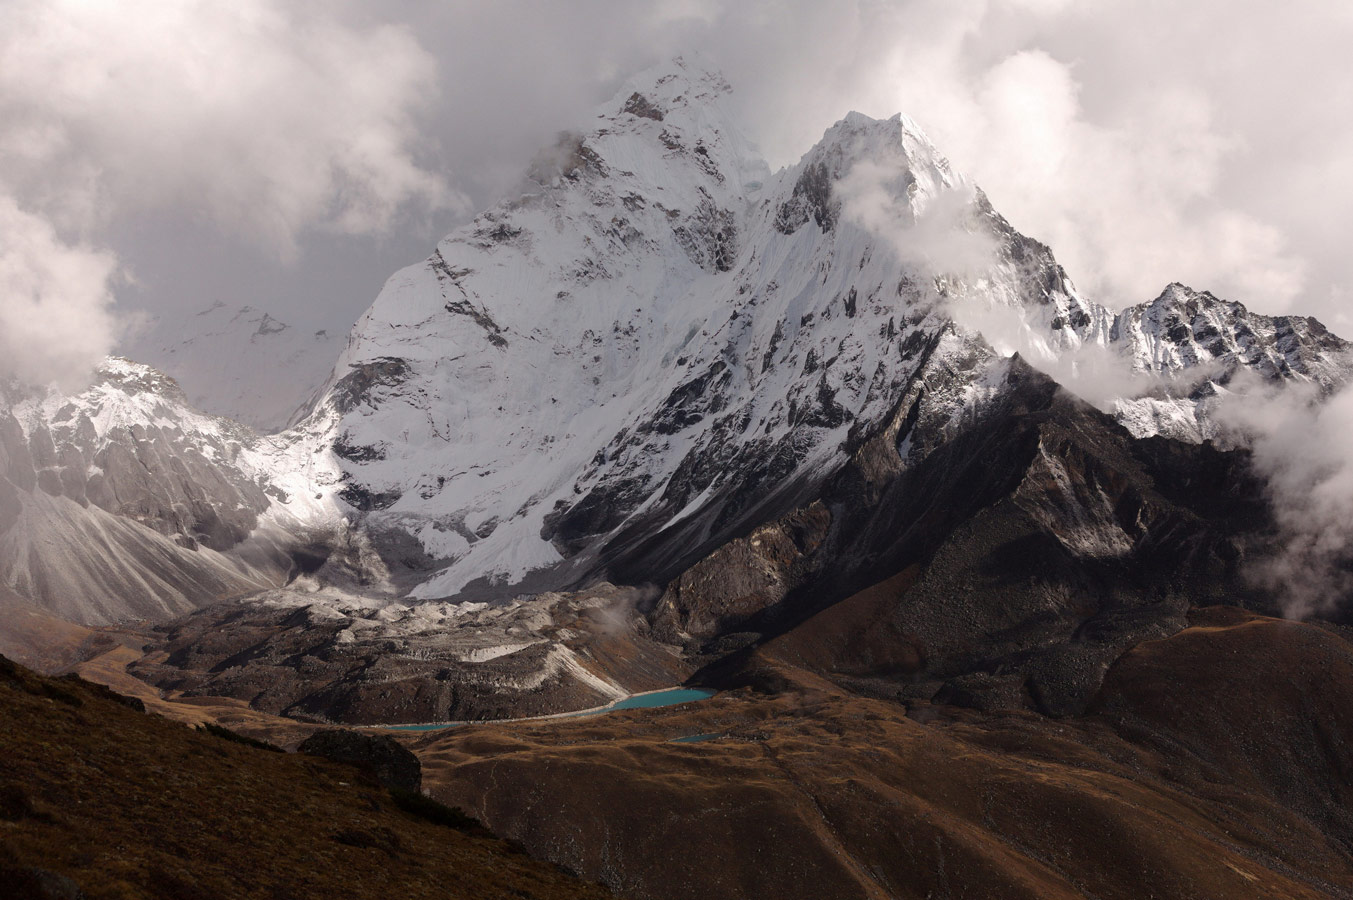 Смена погоды, © Anton, Гора Ама Даблам, Непал, 2013 г., Фотоконкурс «О высоком» от National Geographic Россия